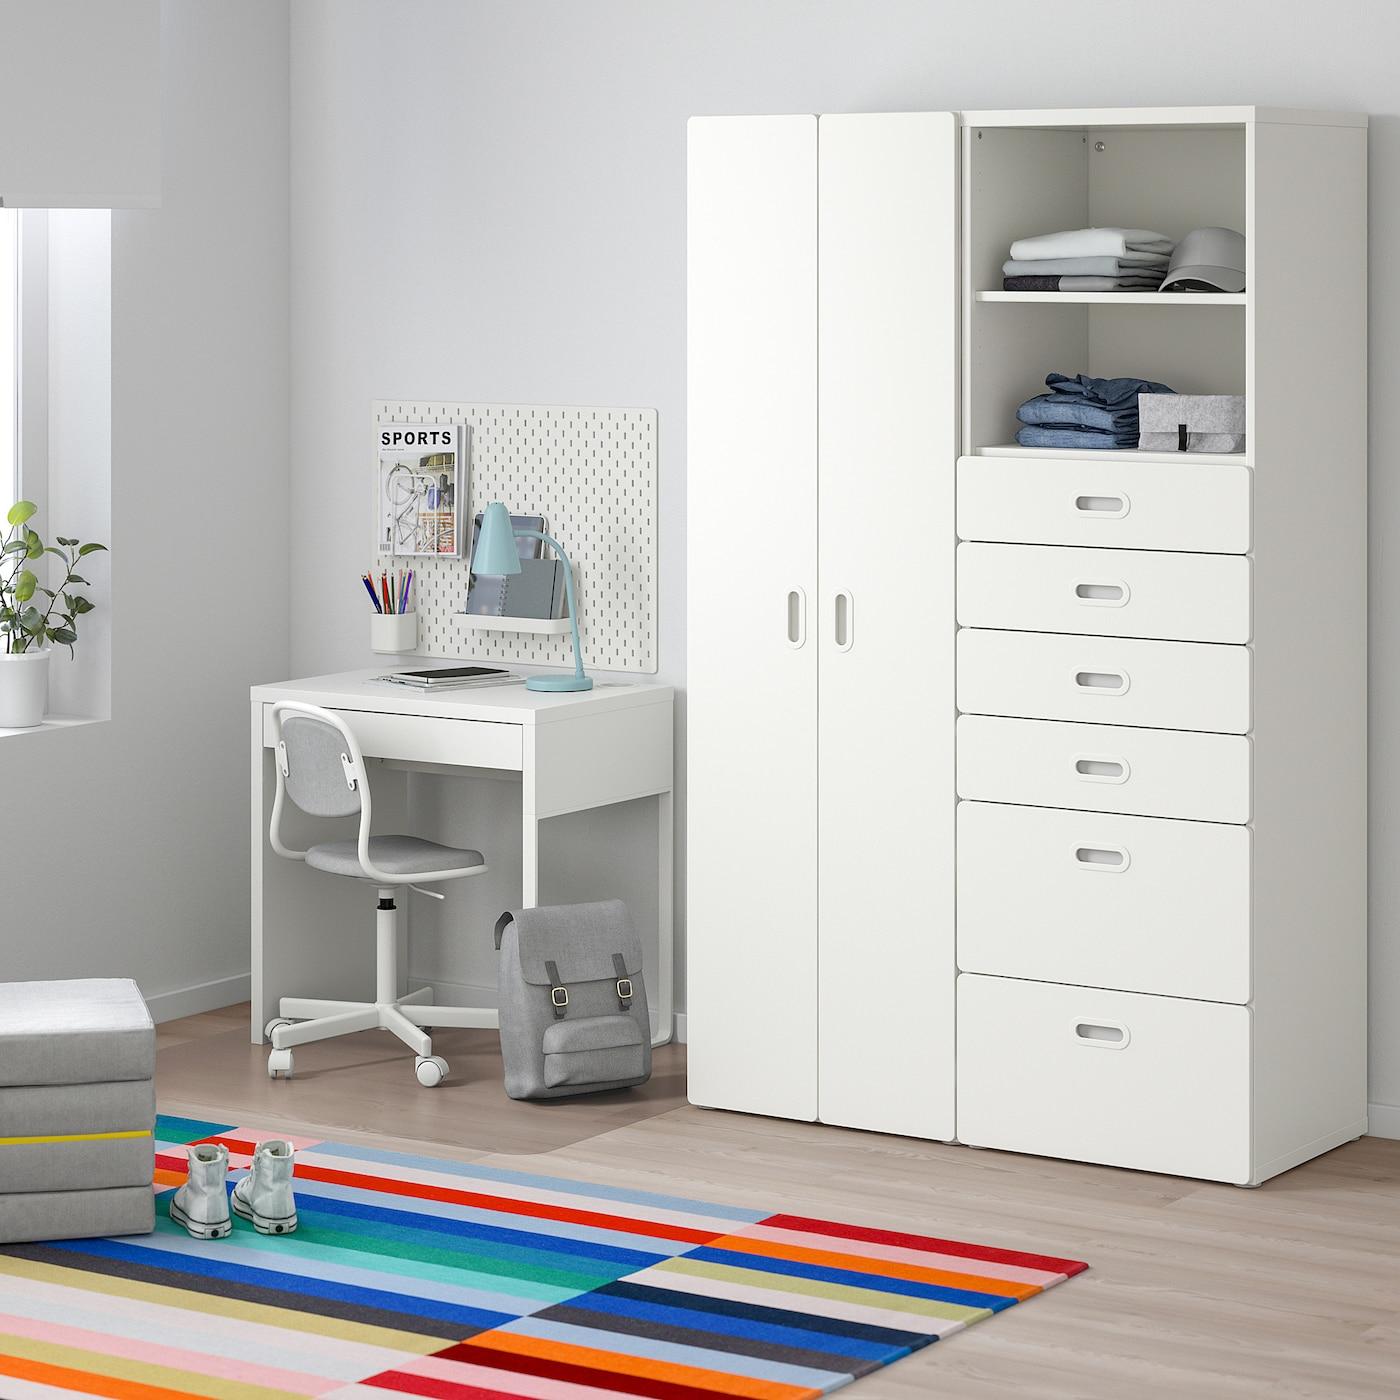 STUVA / FRITIDS Wardrobe, white/white, 120x50x192 cm